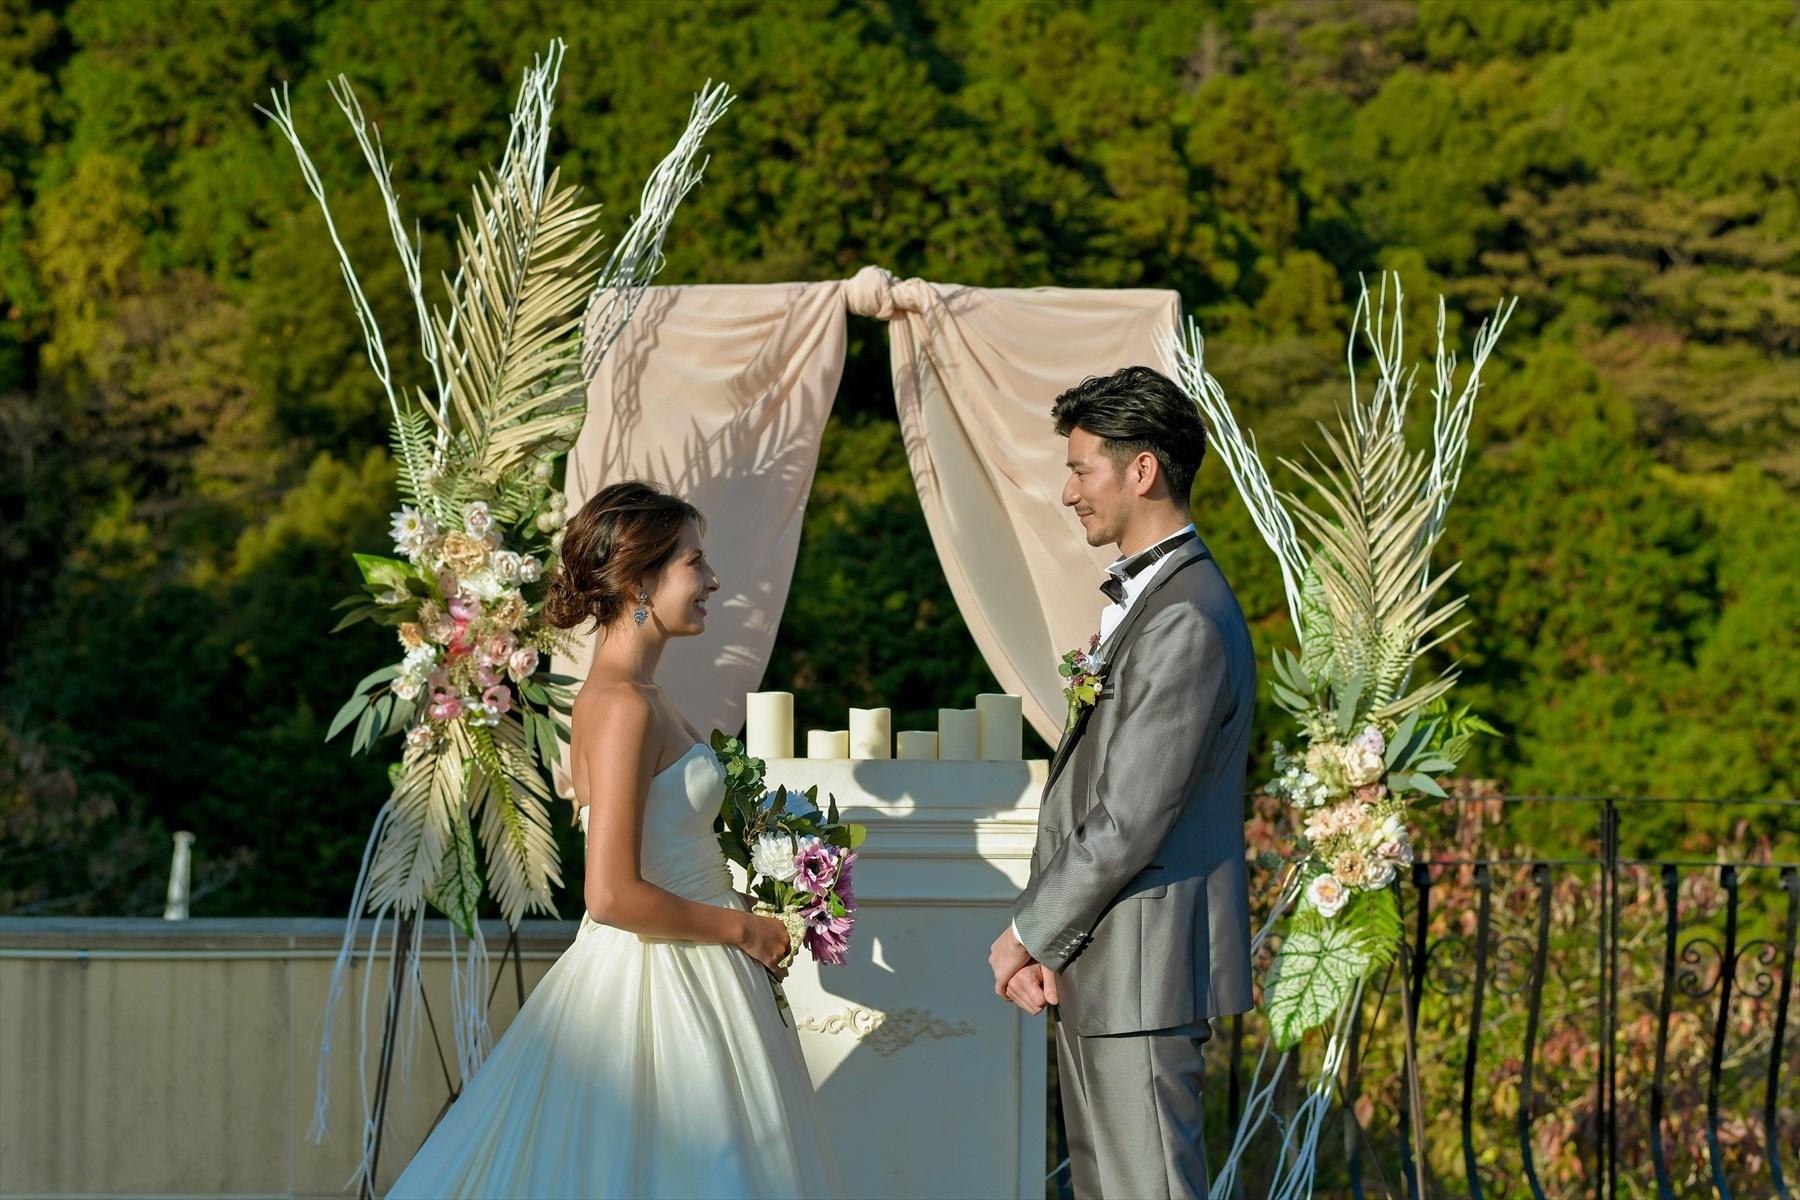 静岡挙式 熱海結婚式会場 ブライダルフォト